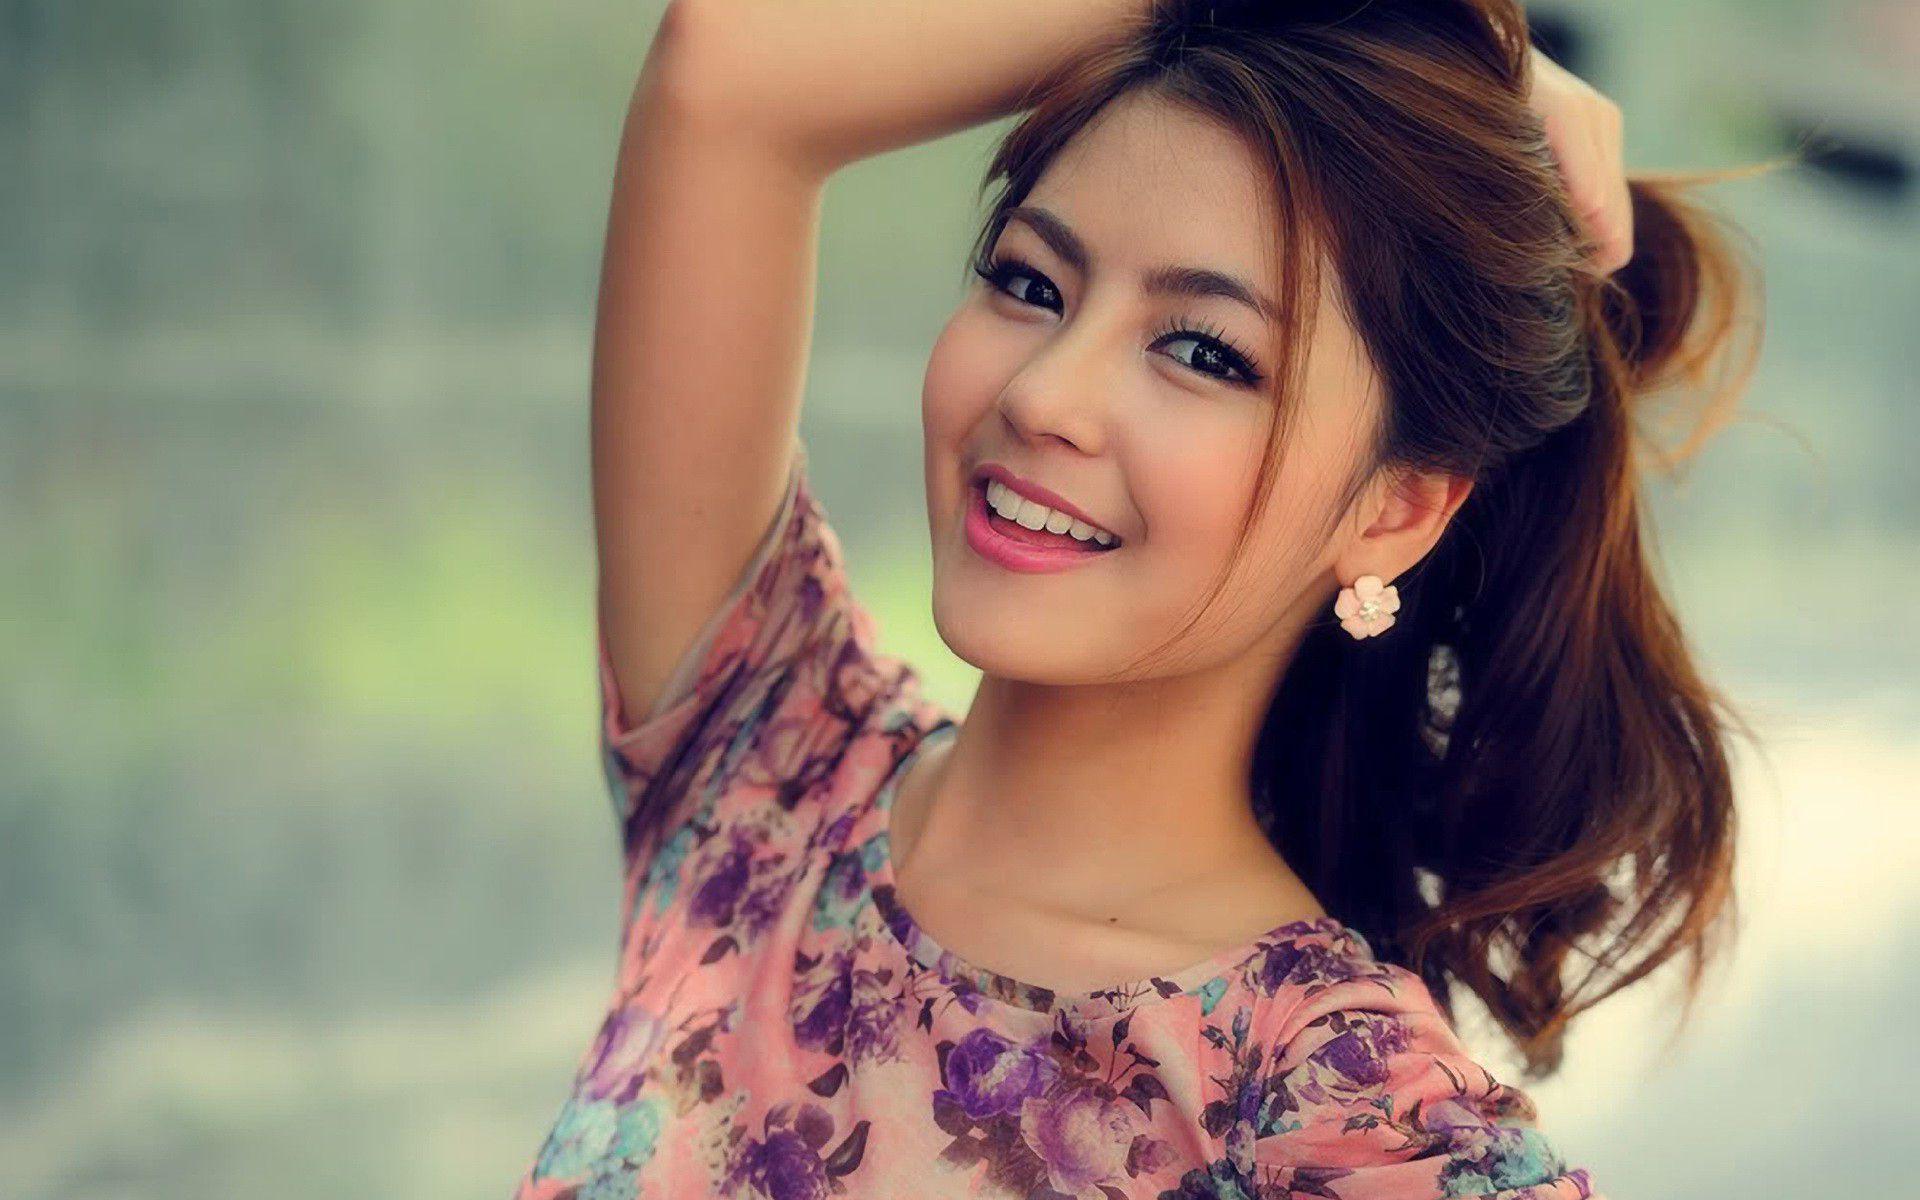 Beautiful Cute Girl Wallpapers Top Free Beautiful Cute